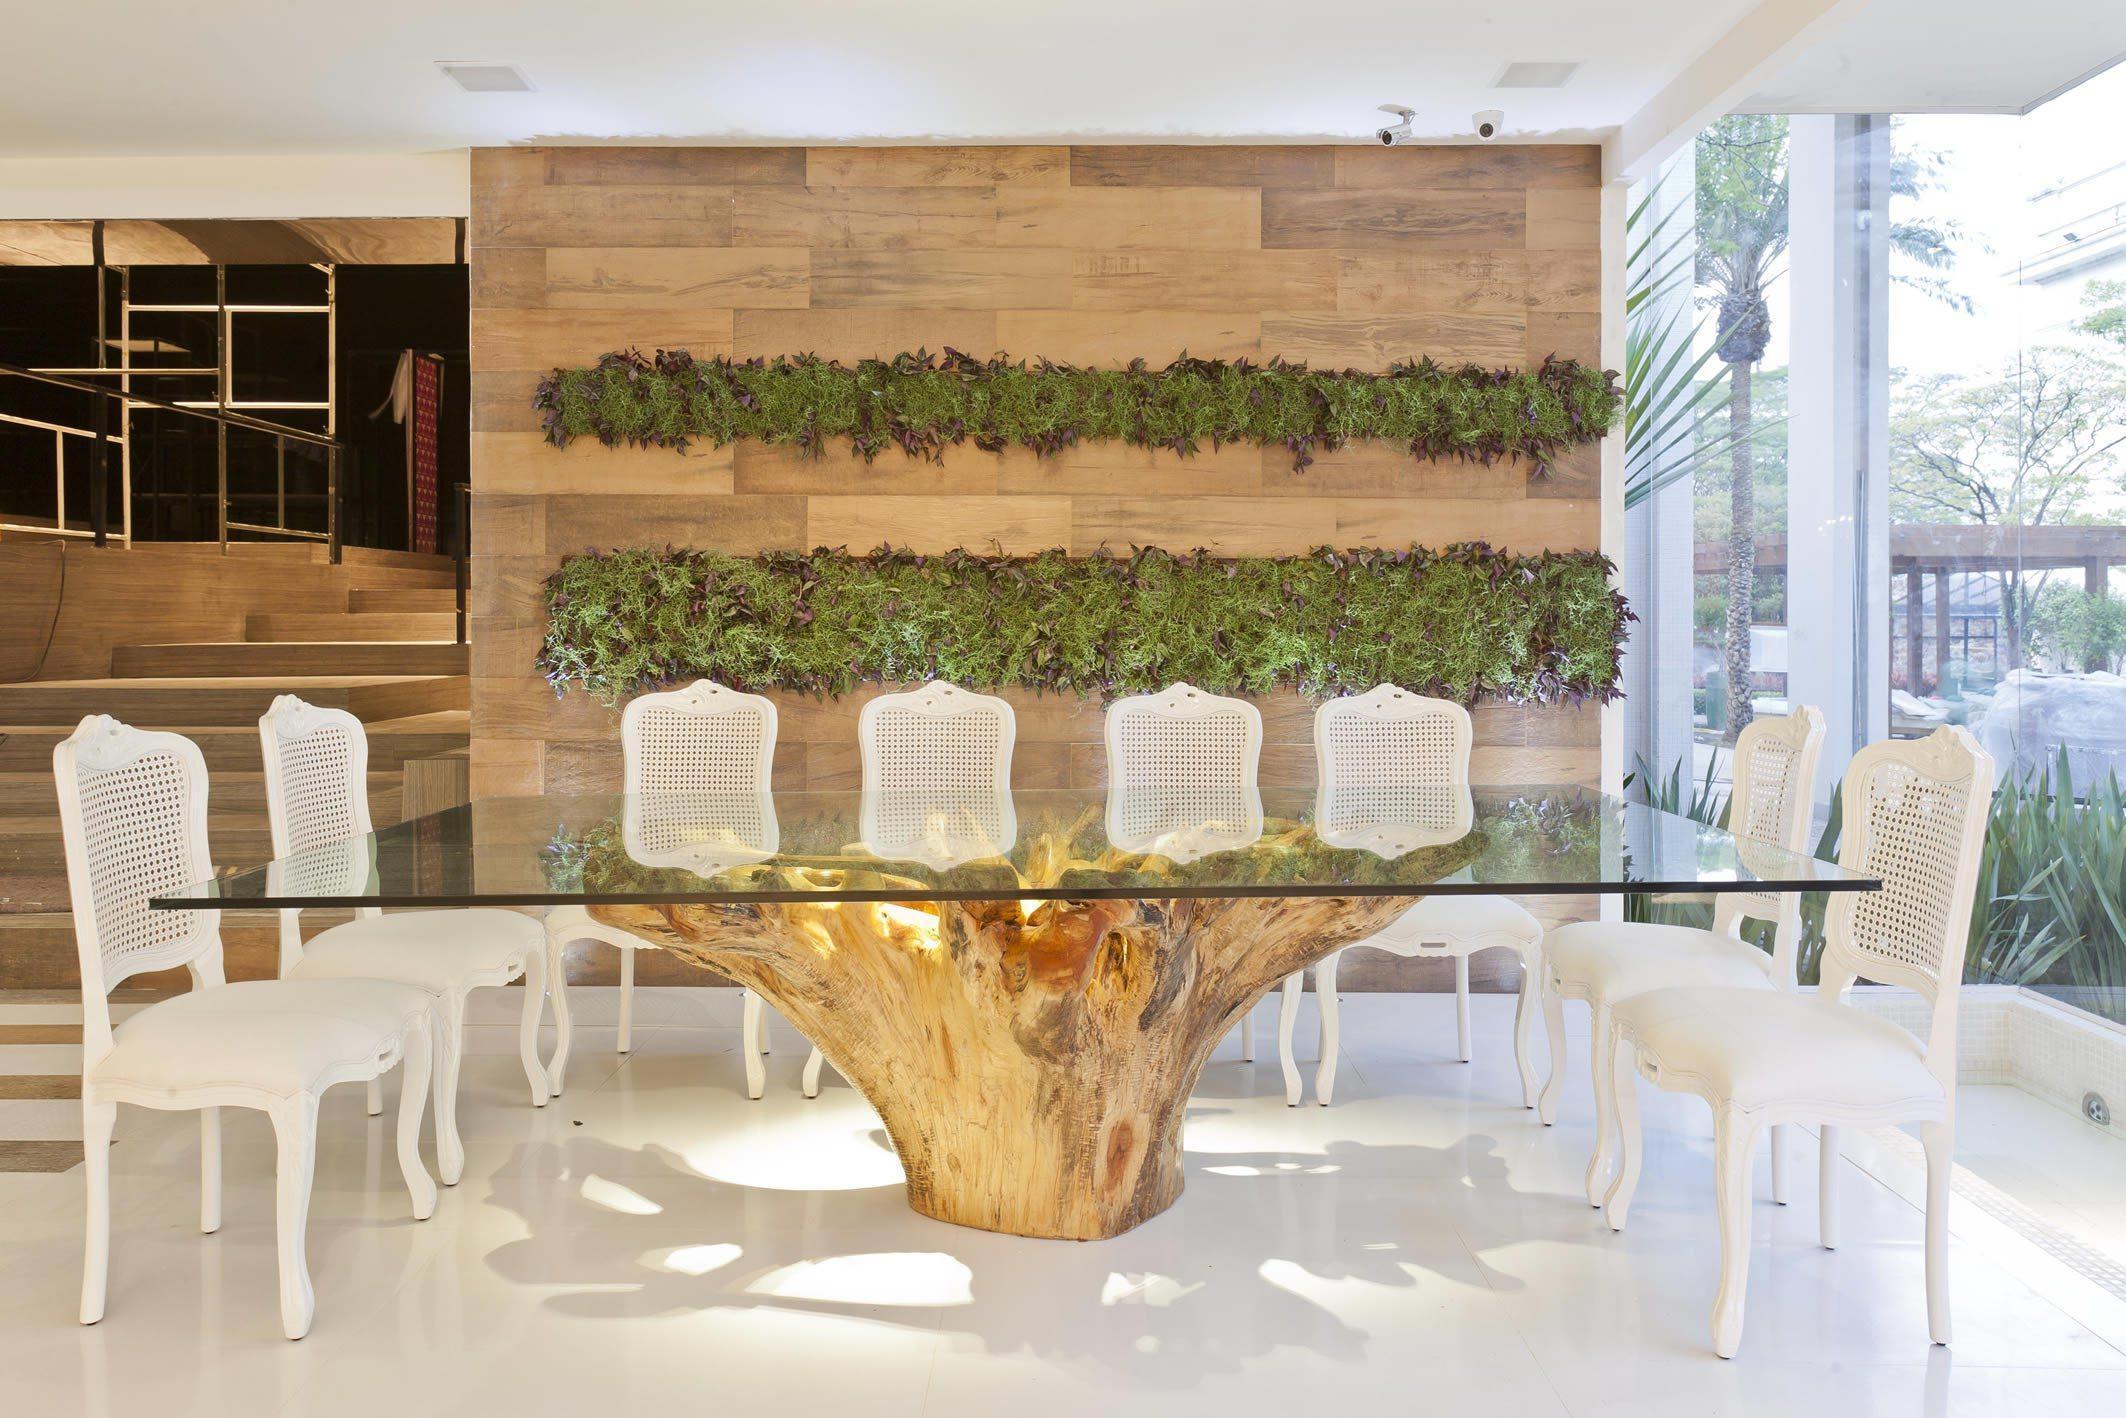 Mesa De Vidro 60 Modelos De Jantar Redondos 4 E 6 Cadeiras -> Cadeiras Para Sala De Jantar Acrilico